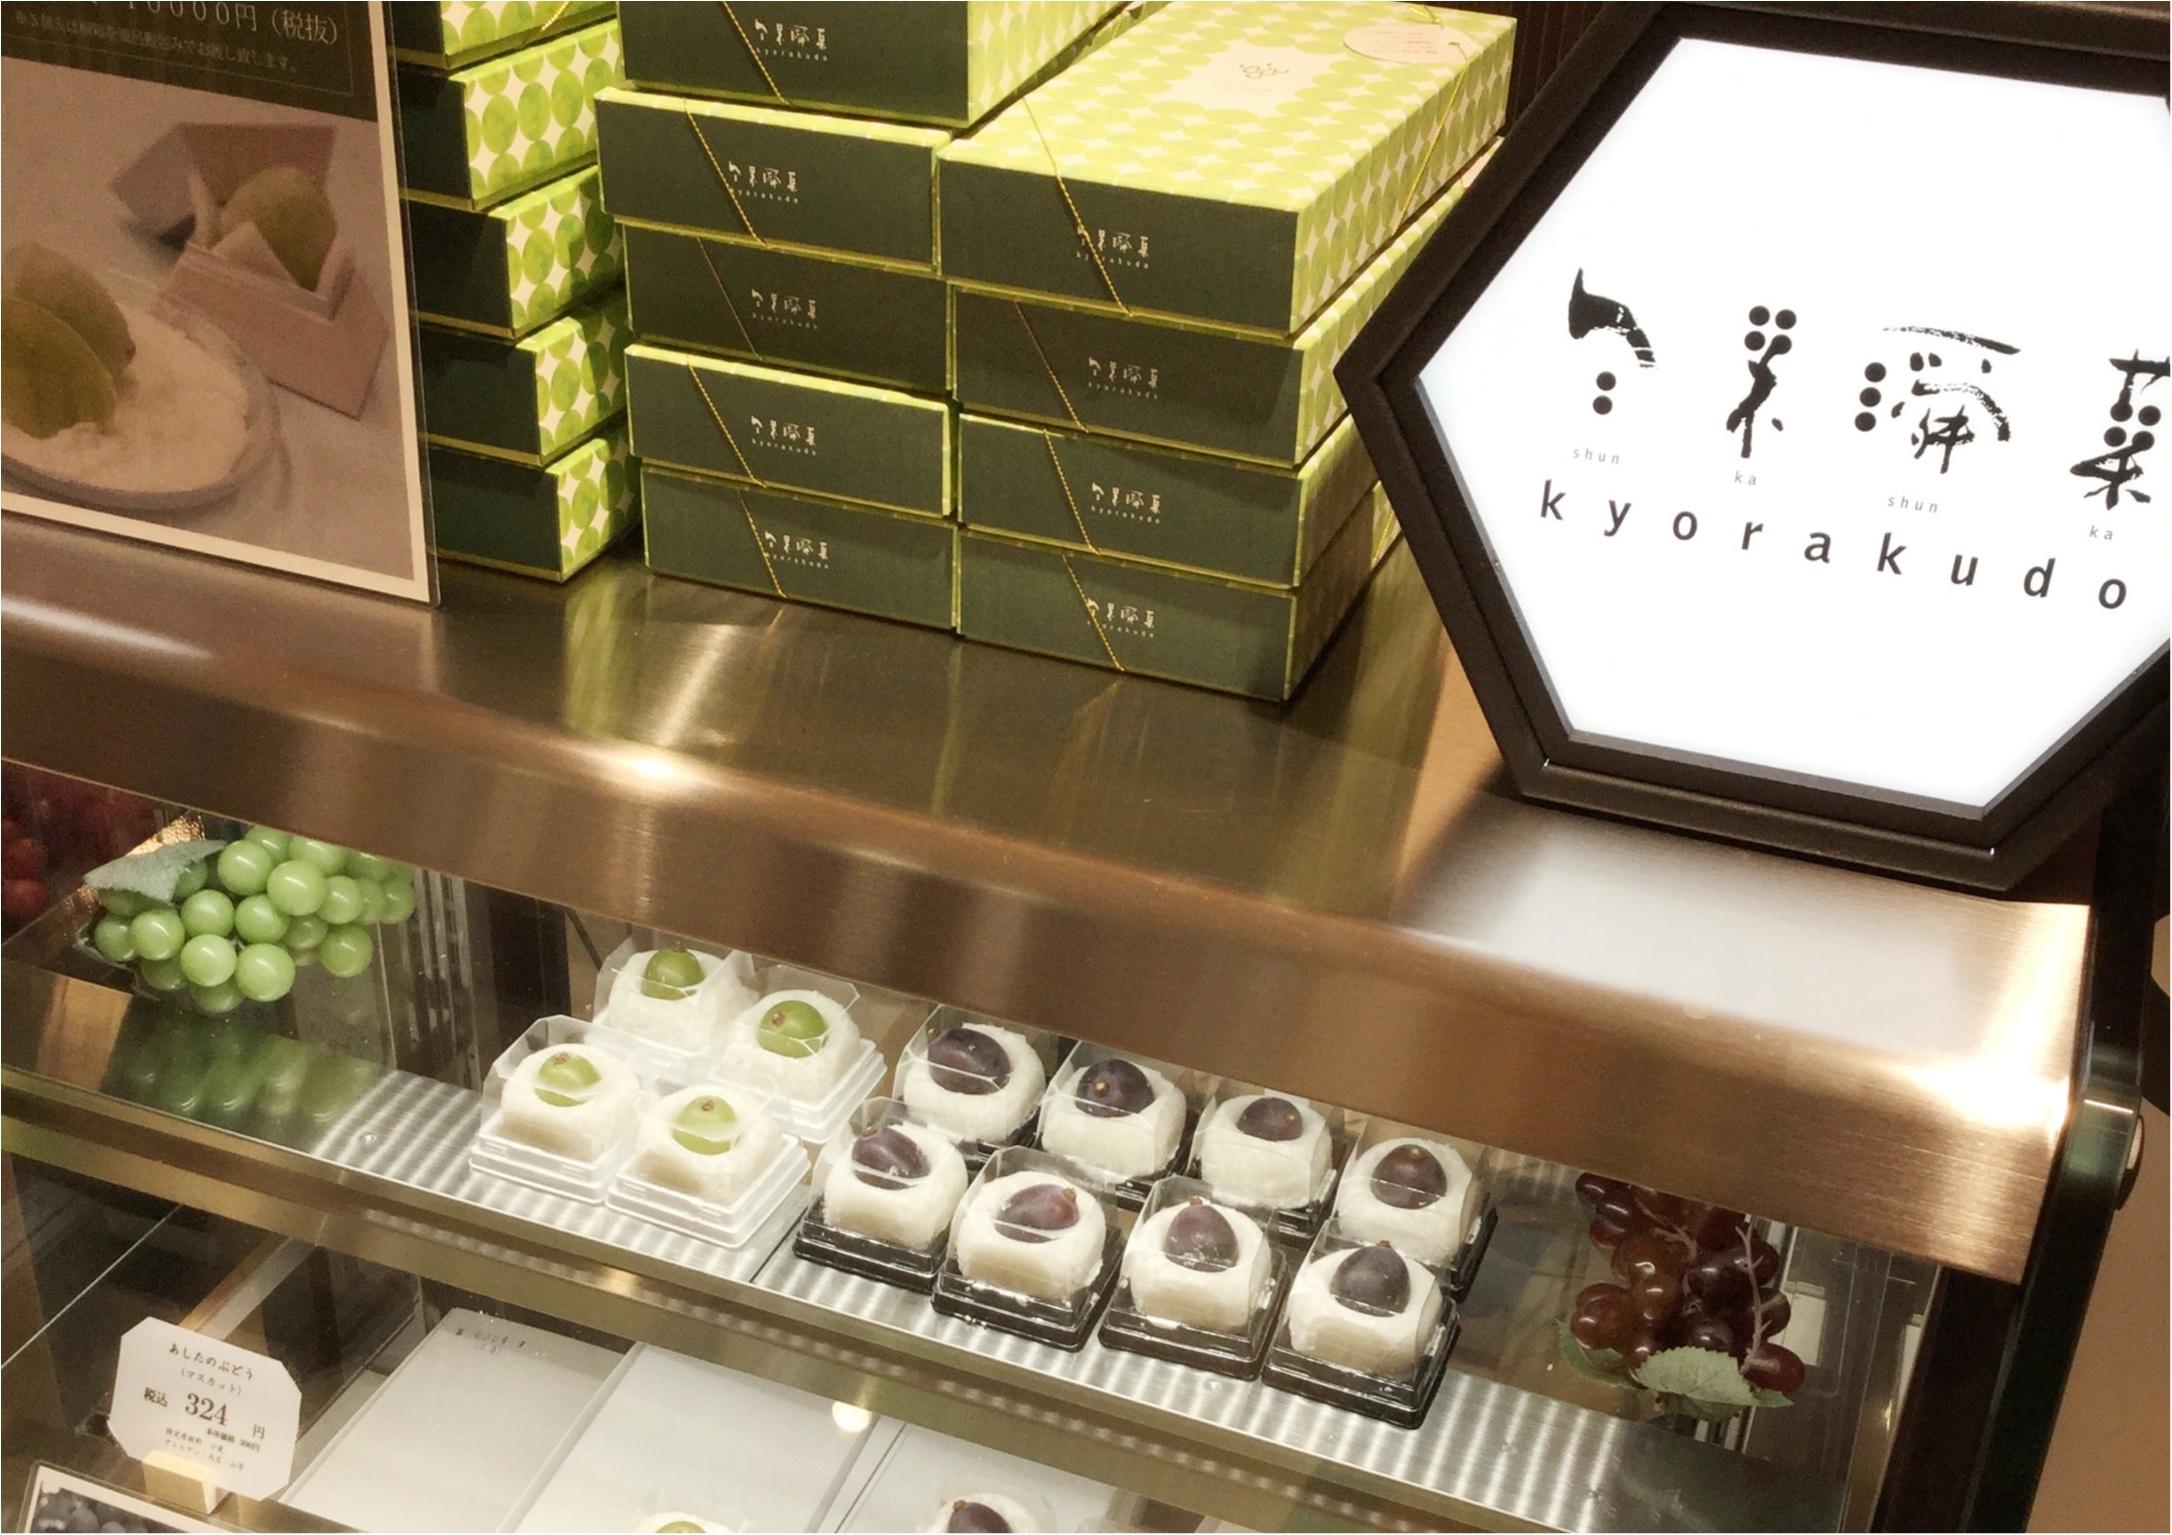 広島のおしゃれなお土産特集《2019年》- 人気の定番土産から話題のチョコ、スタバの限定タンブラーも!_54